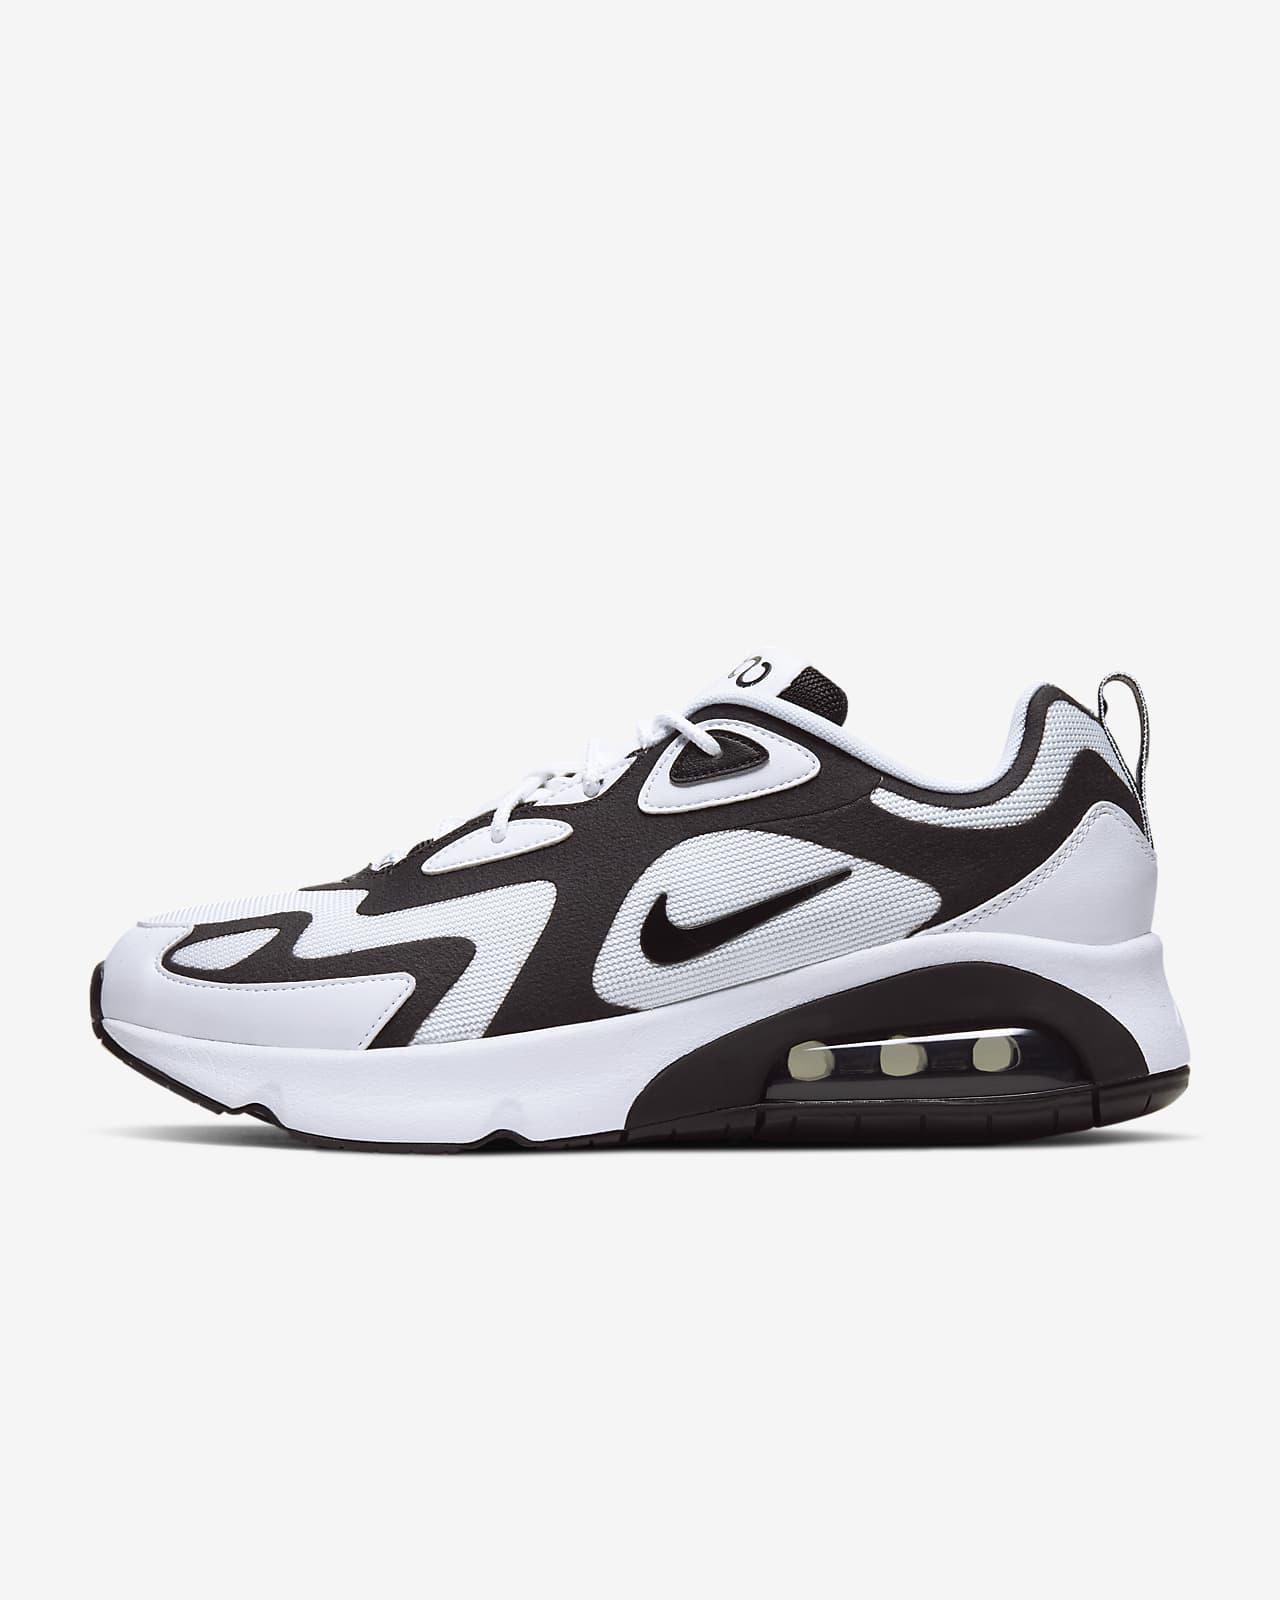 scarpe uomo simili air max